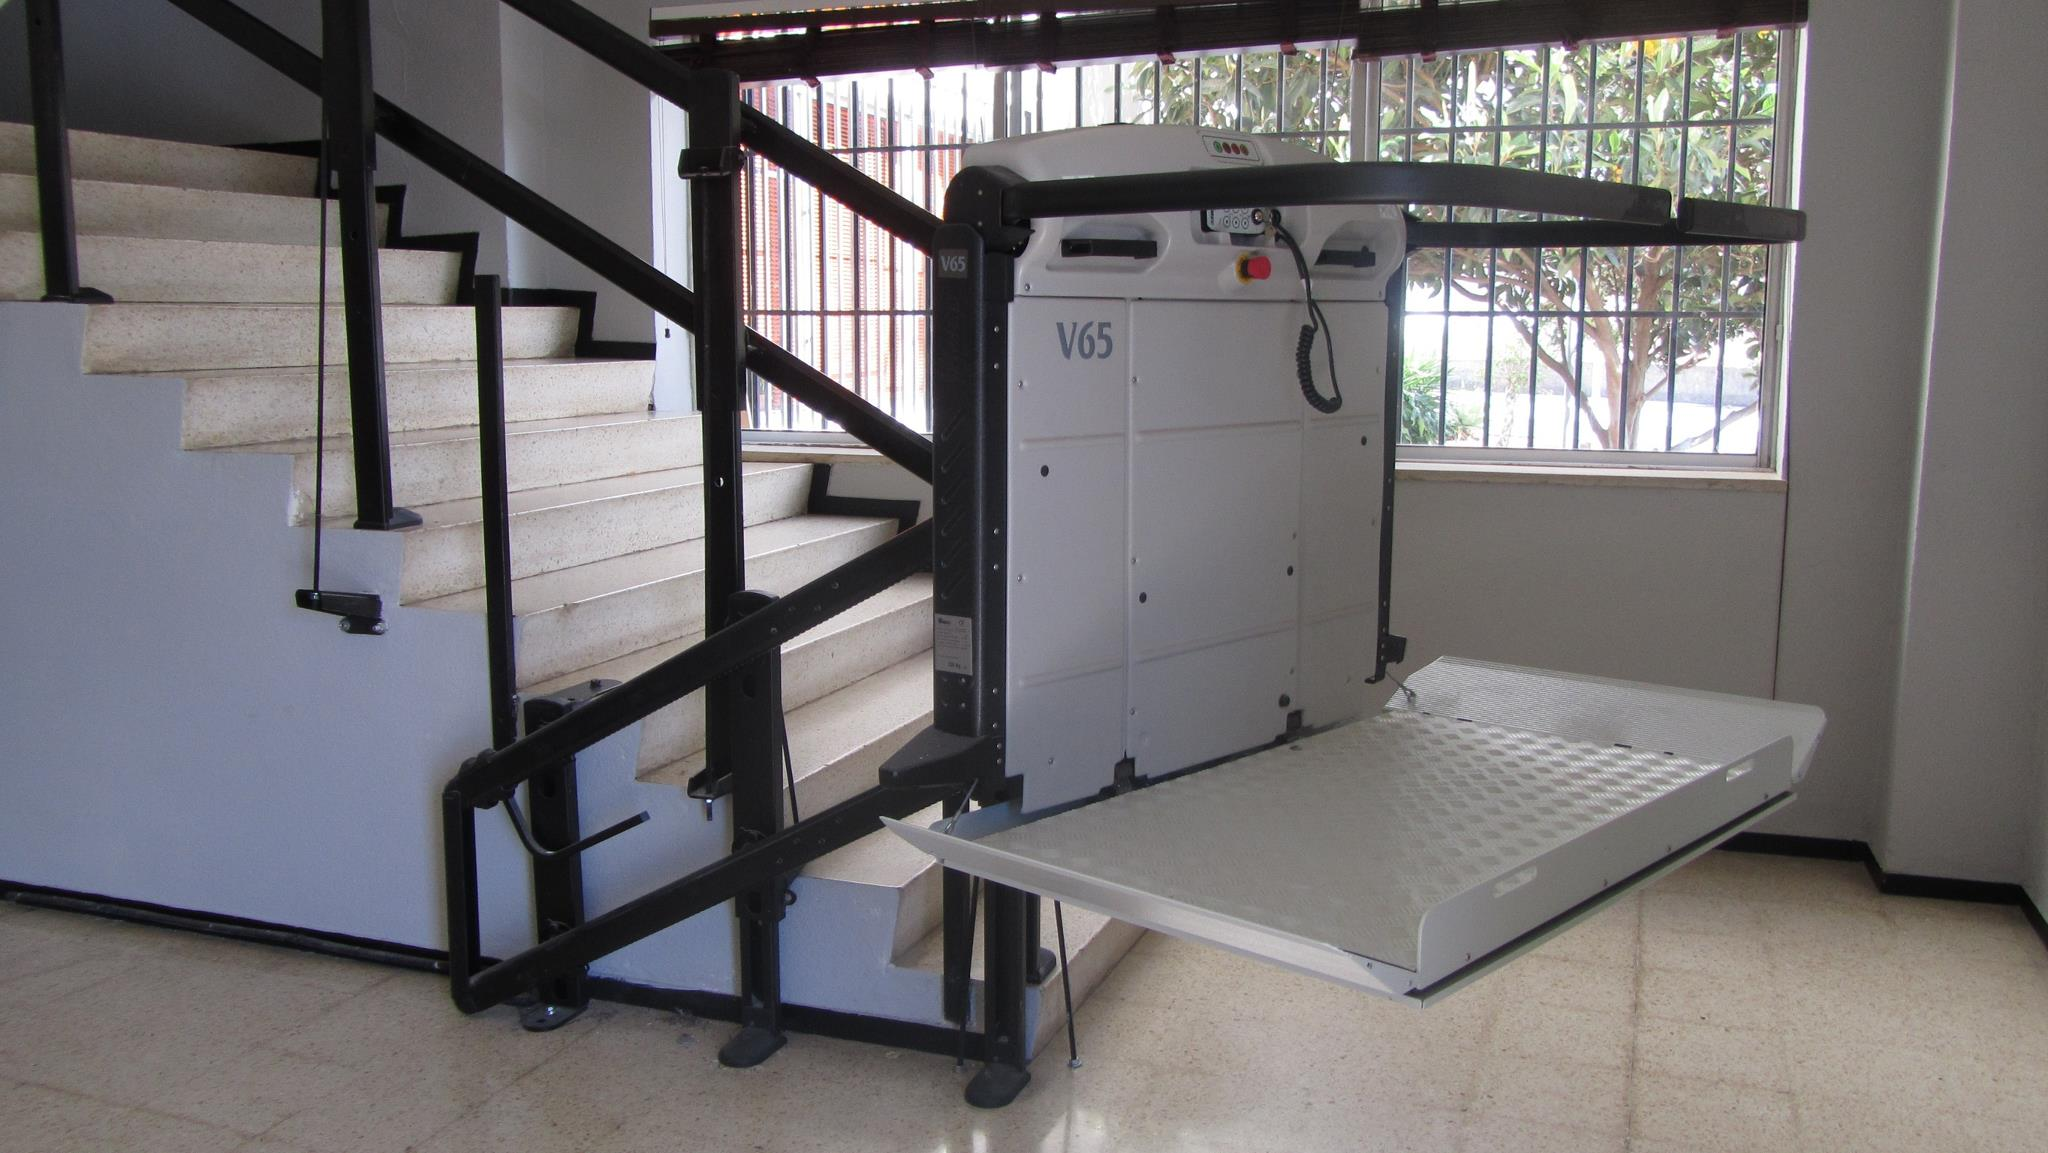 Foto 19 de Venta, instalación y reparaciones de aparatos elevadores en Tegueste | Mobiliteg Solutions